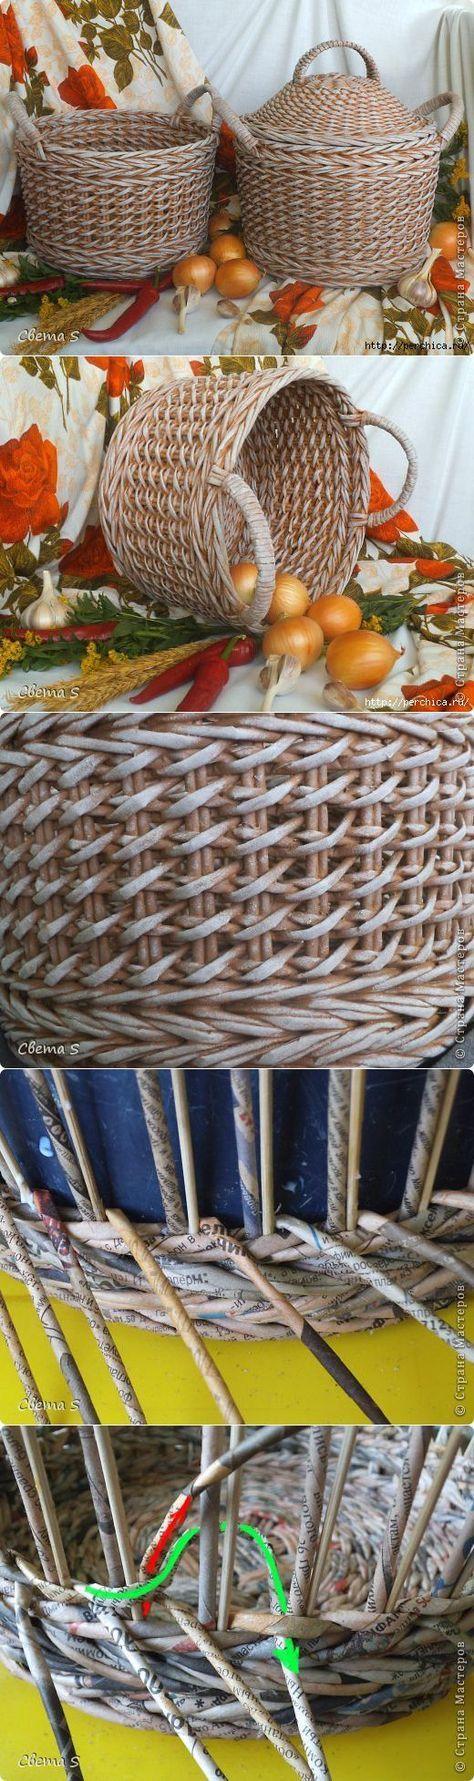 Мастер-класс симпатичных корзинок из газетных трубочек | Плетение из газет | Постила